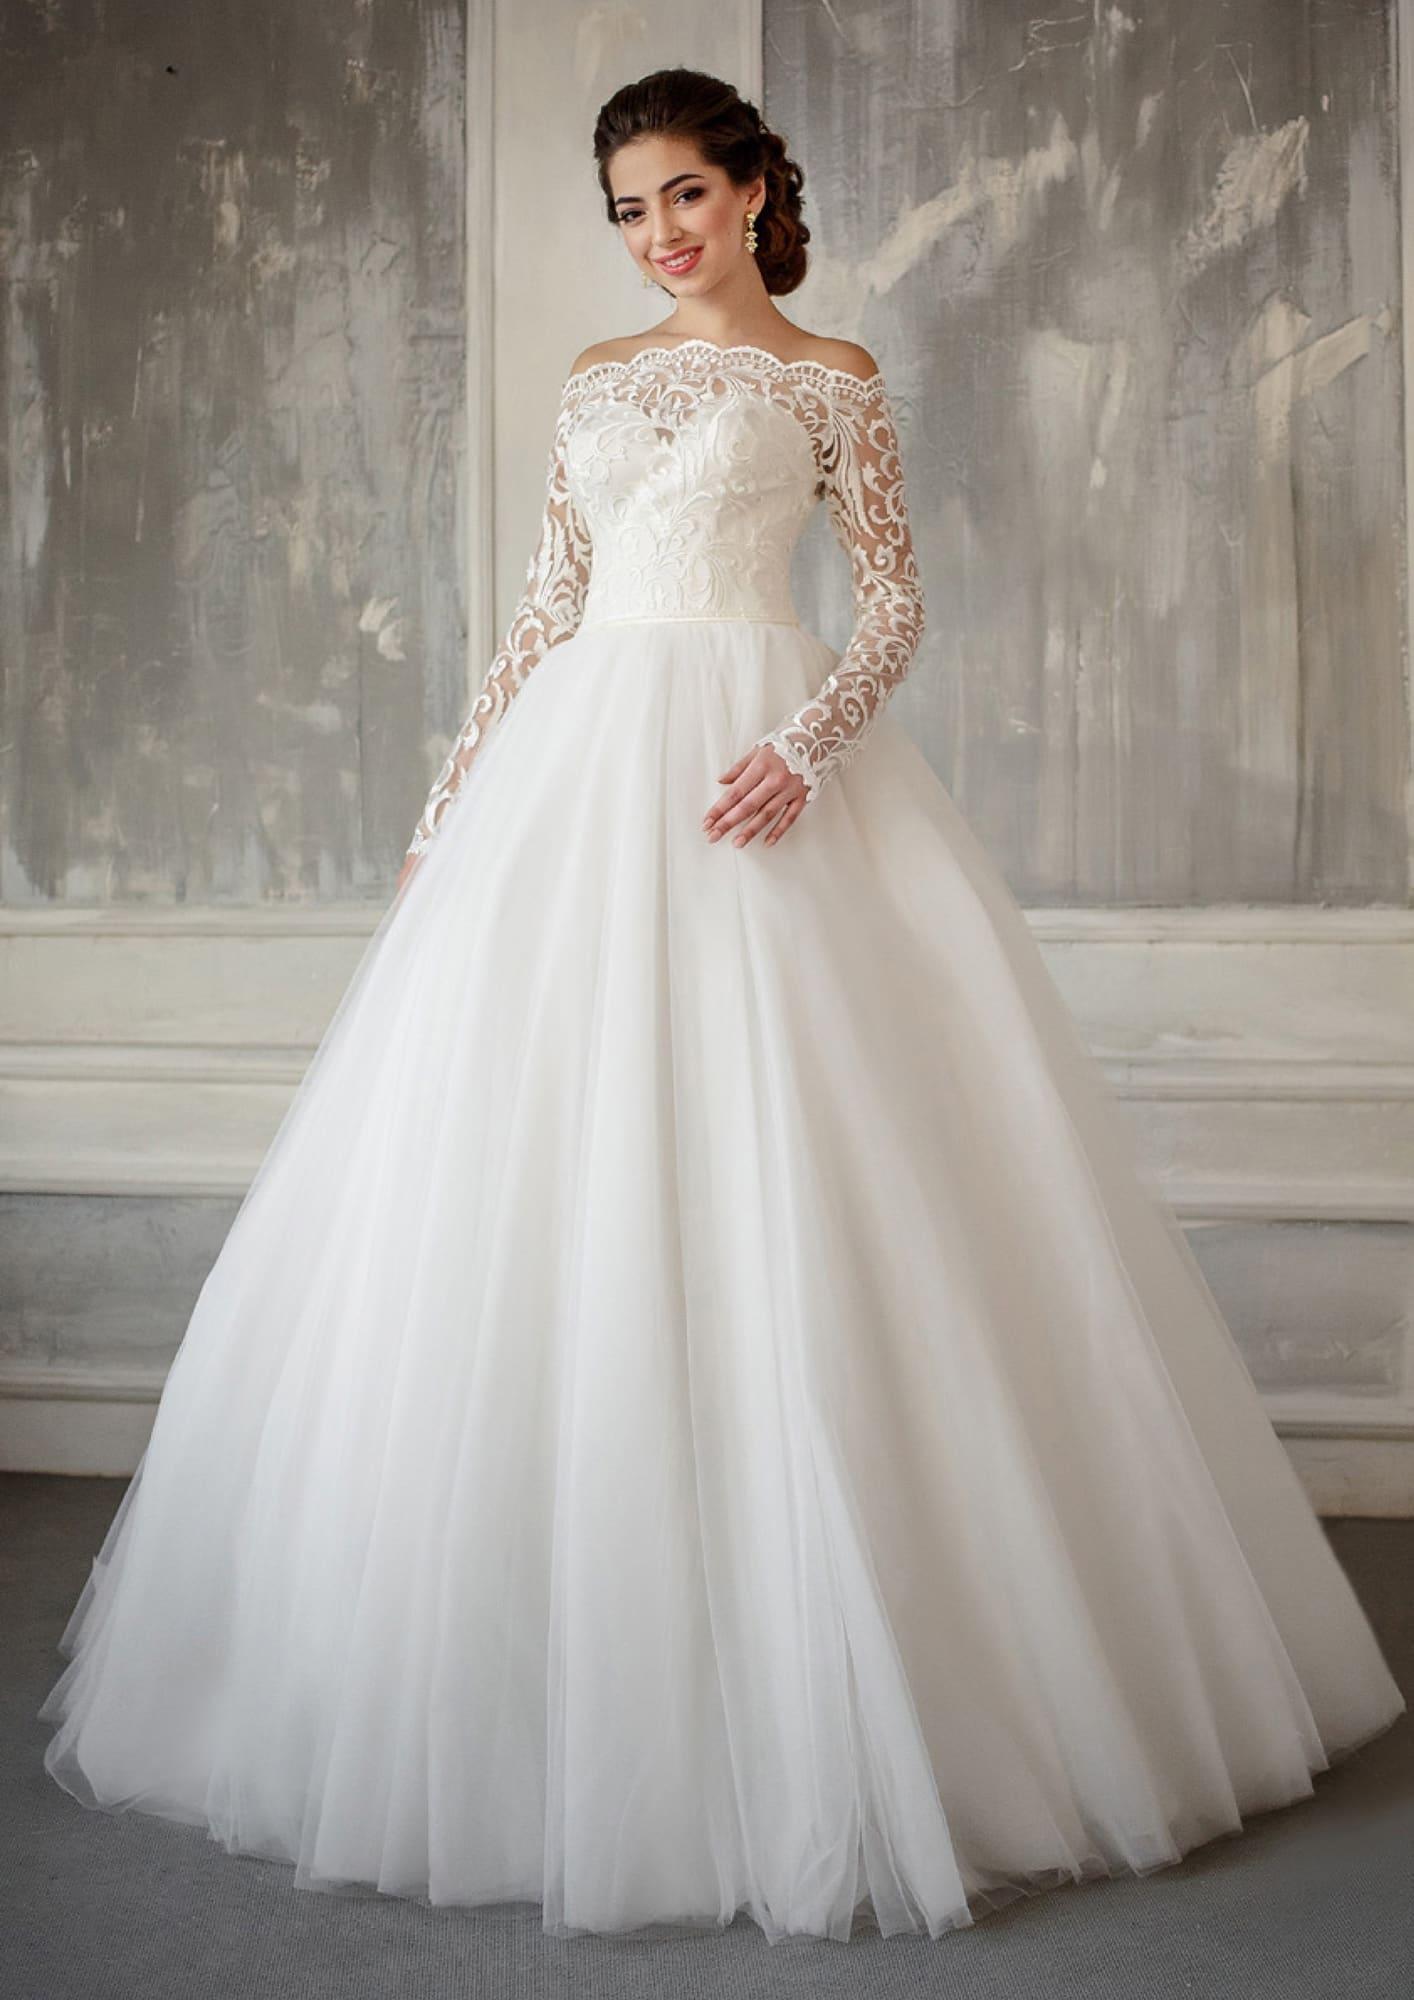 Свадебное платье с открытыми плечами с рукавами